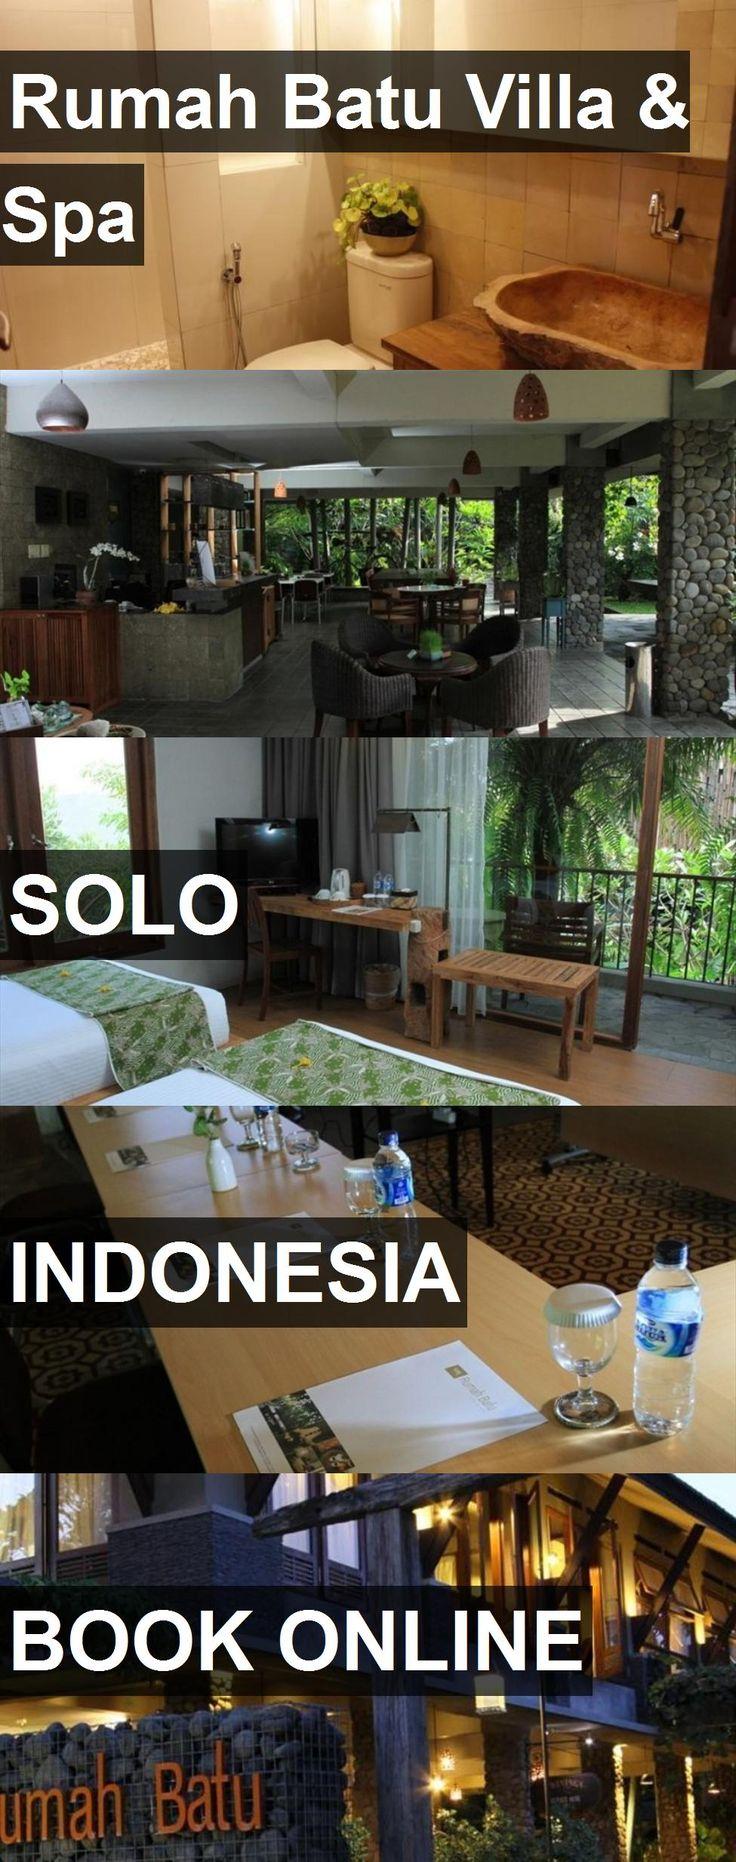 Hotel Rumah Batu Villa